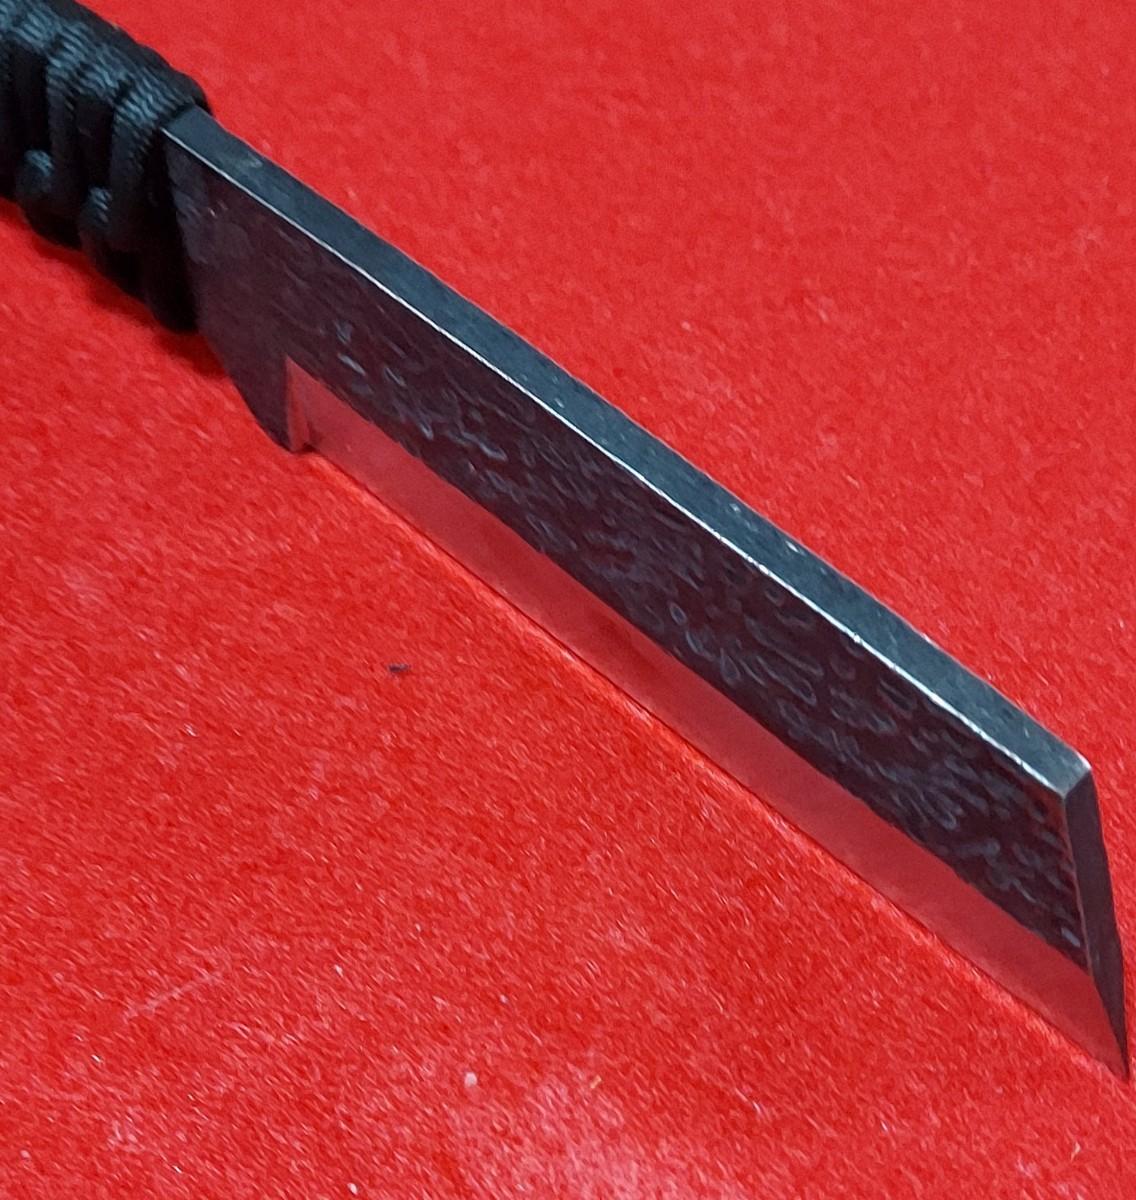 サバイバル ナタ フルタング サバイバルナイフ 鉈